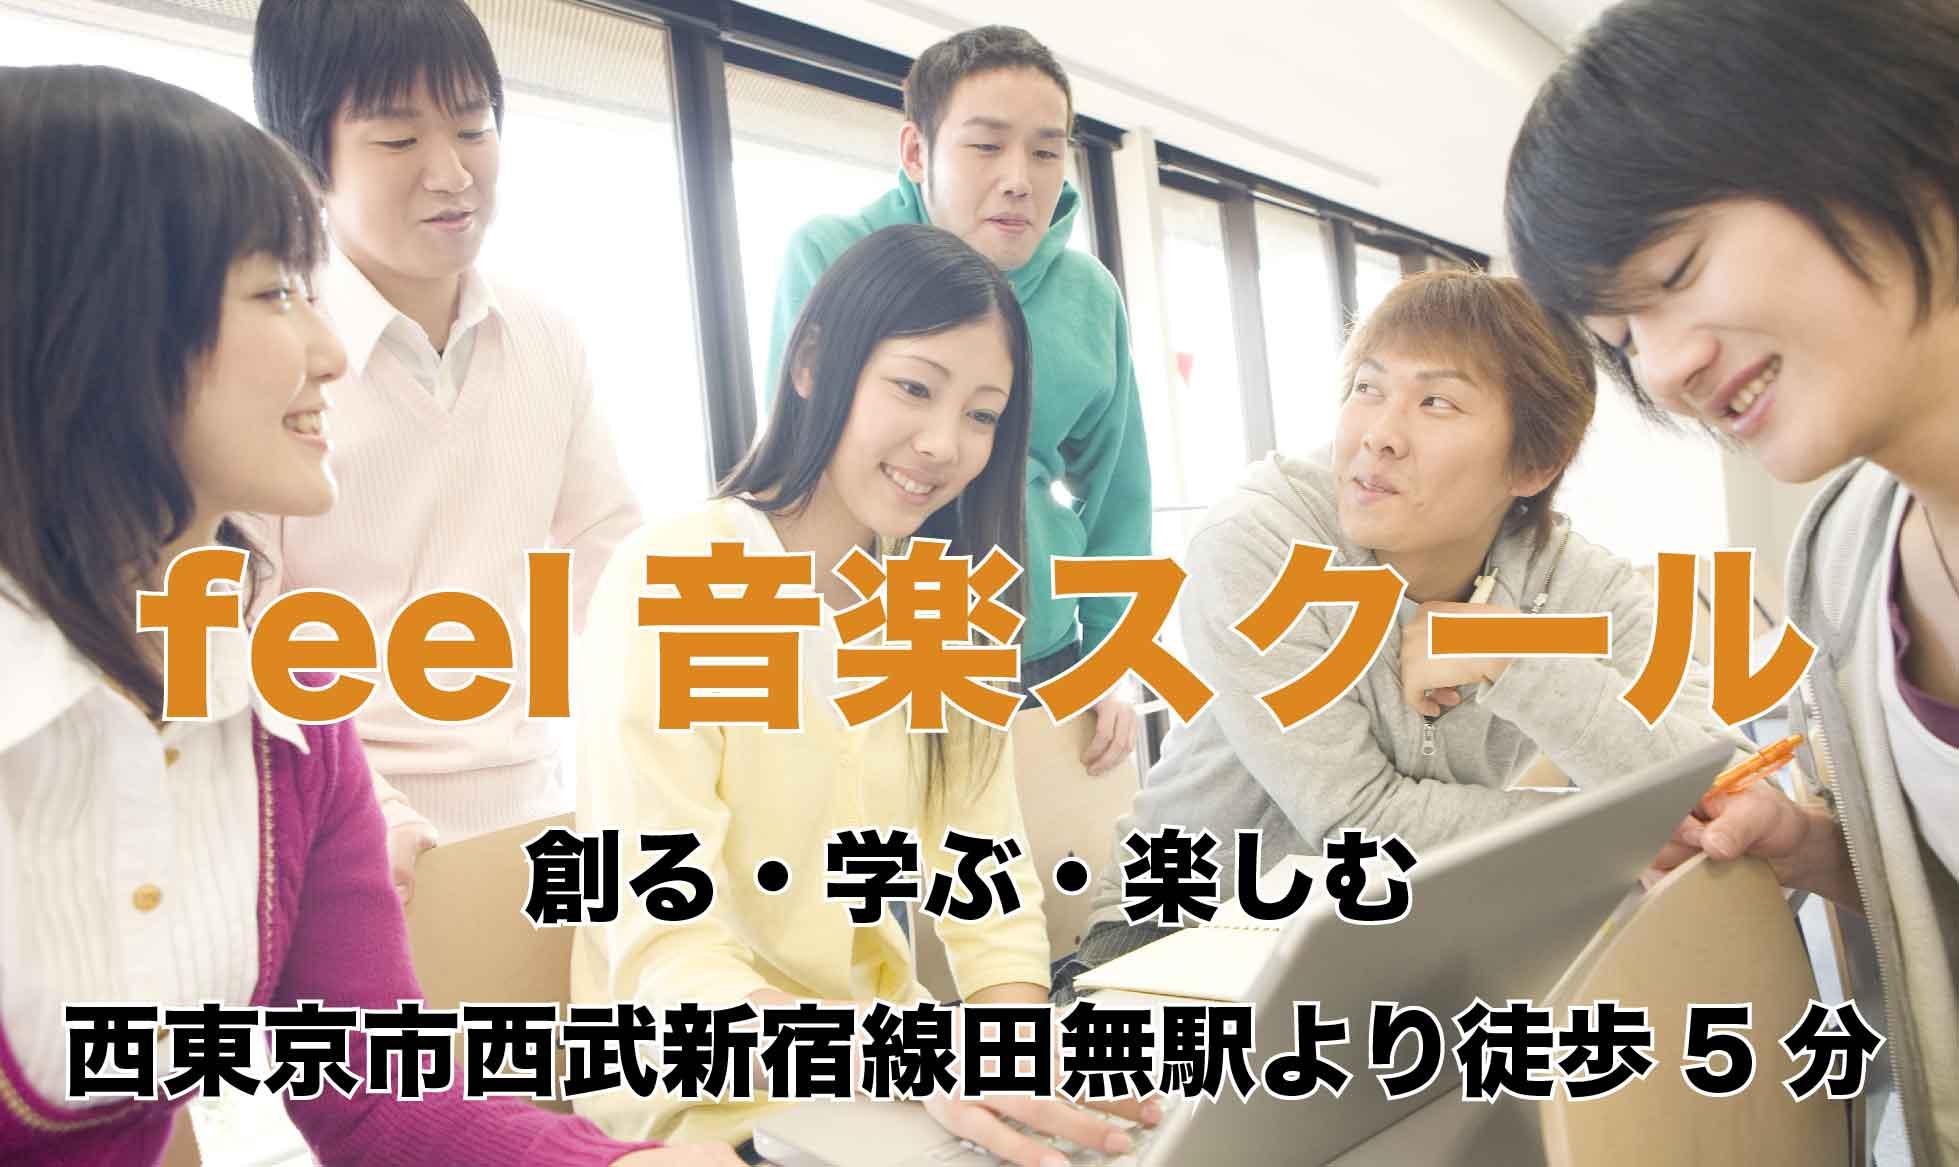 feel音楽教室は西東京市西武新宿線田無駅より徒歩5分。初心者の方のための音楽教室